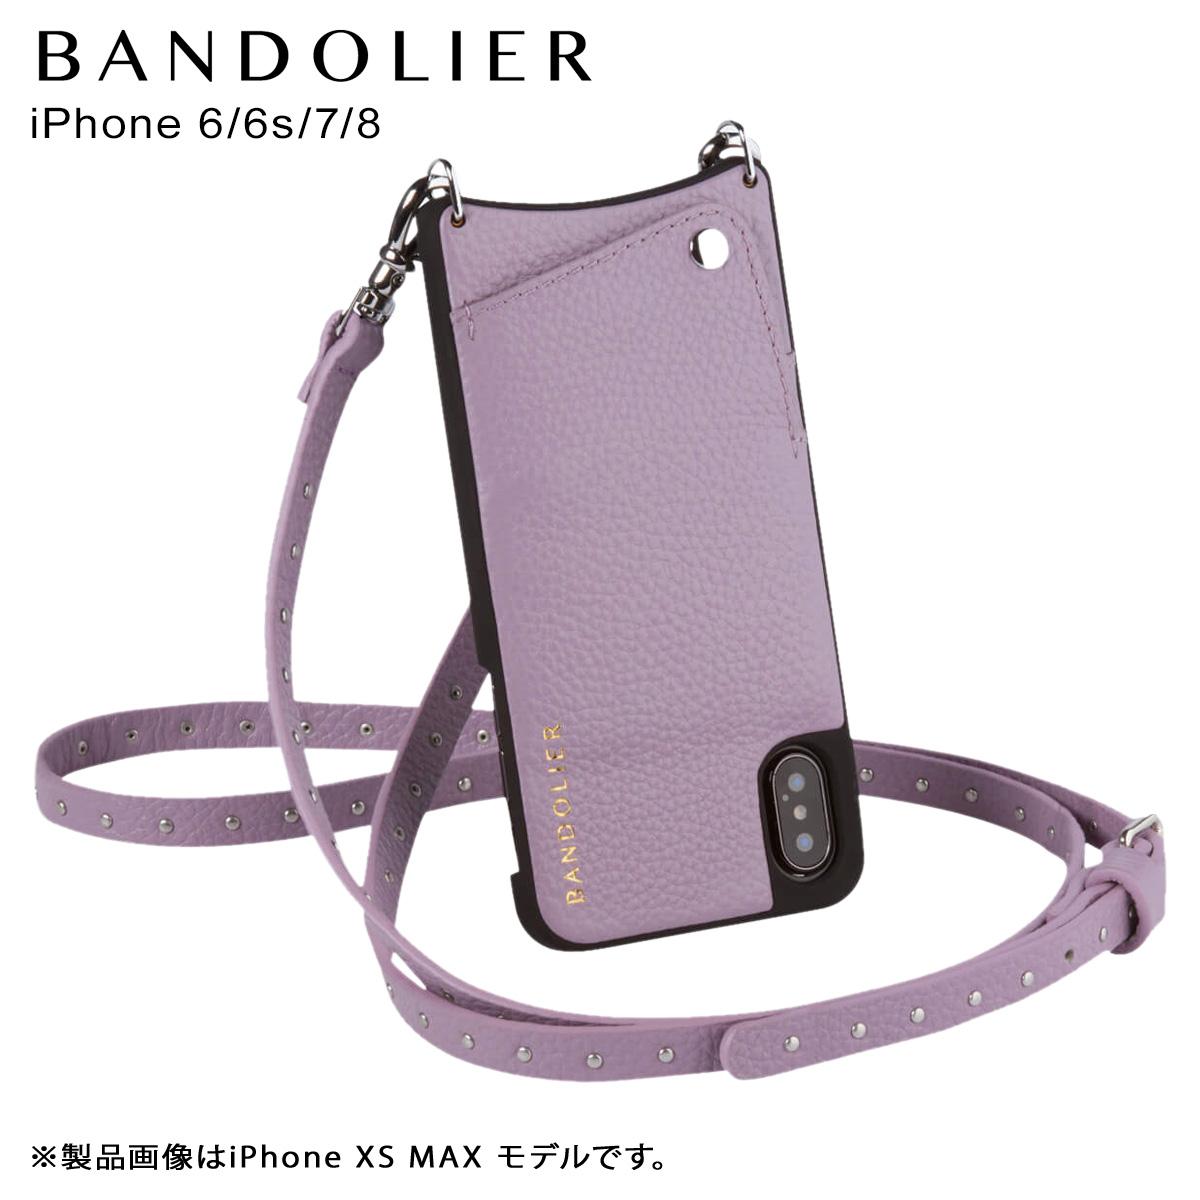 バンドリヤー BANDOLIER iPhone 8 7 6s 6 ケース ショルダー スマホ アイフォン レザー NICOLE LILAC メンズ レディース ライラック 10NIC1001